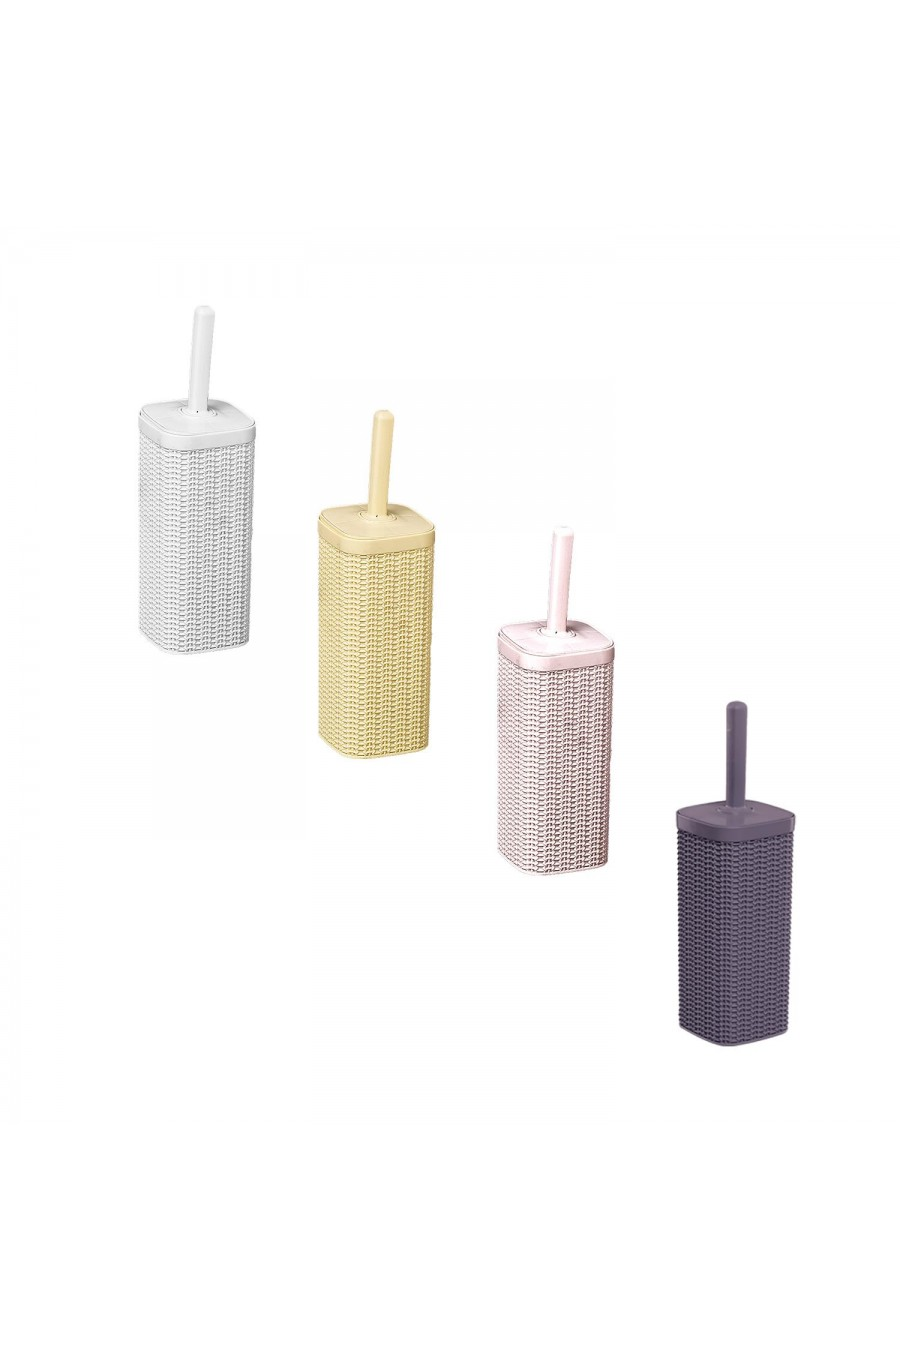 PlastArt Gördes Tuvalet Fırçası | WC Fırçası